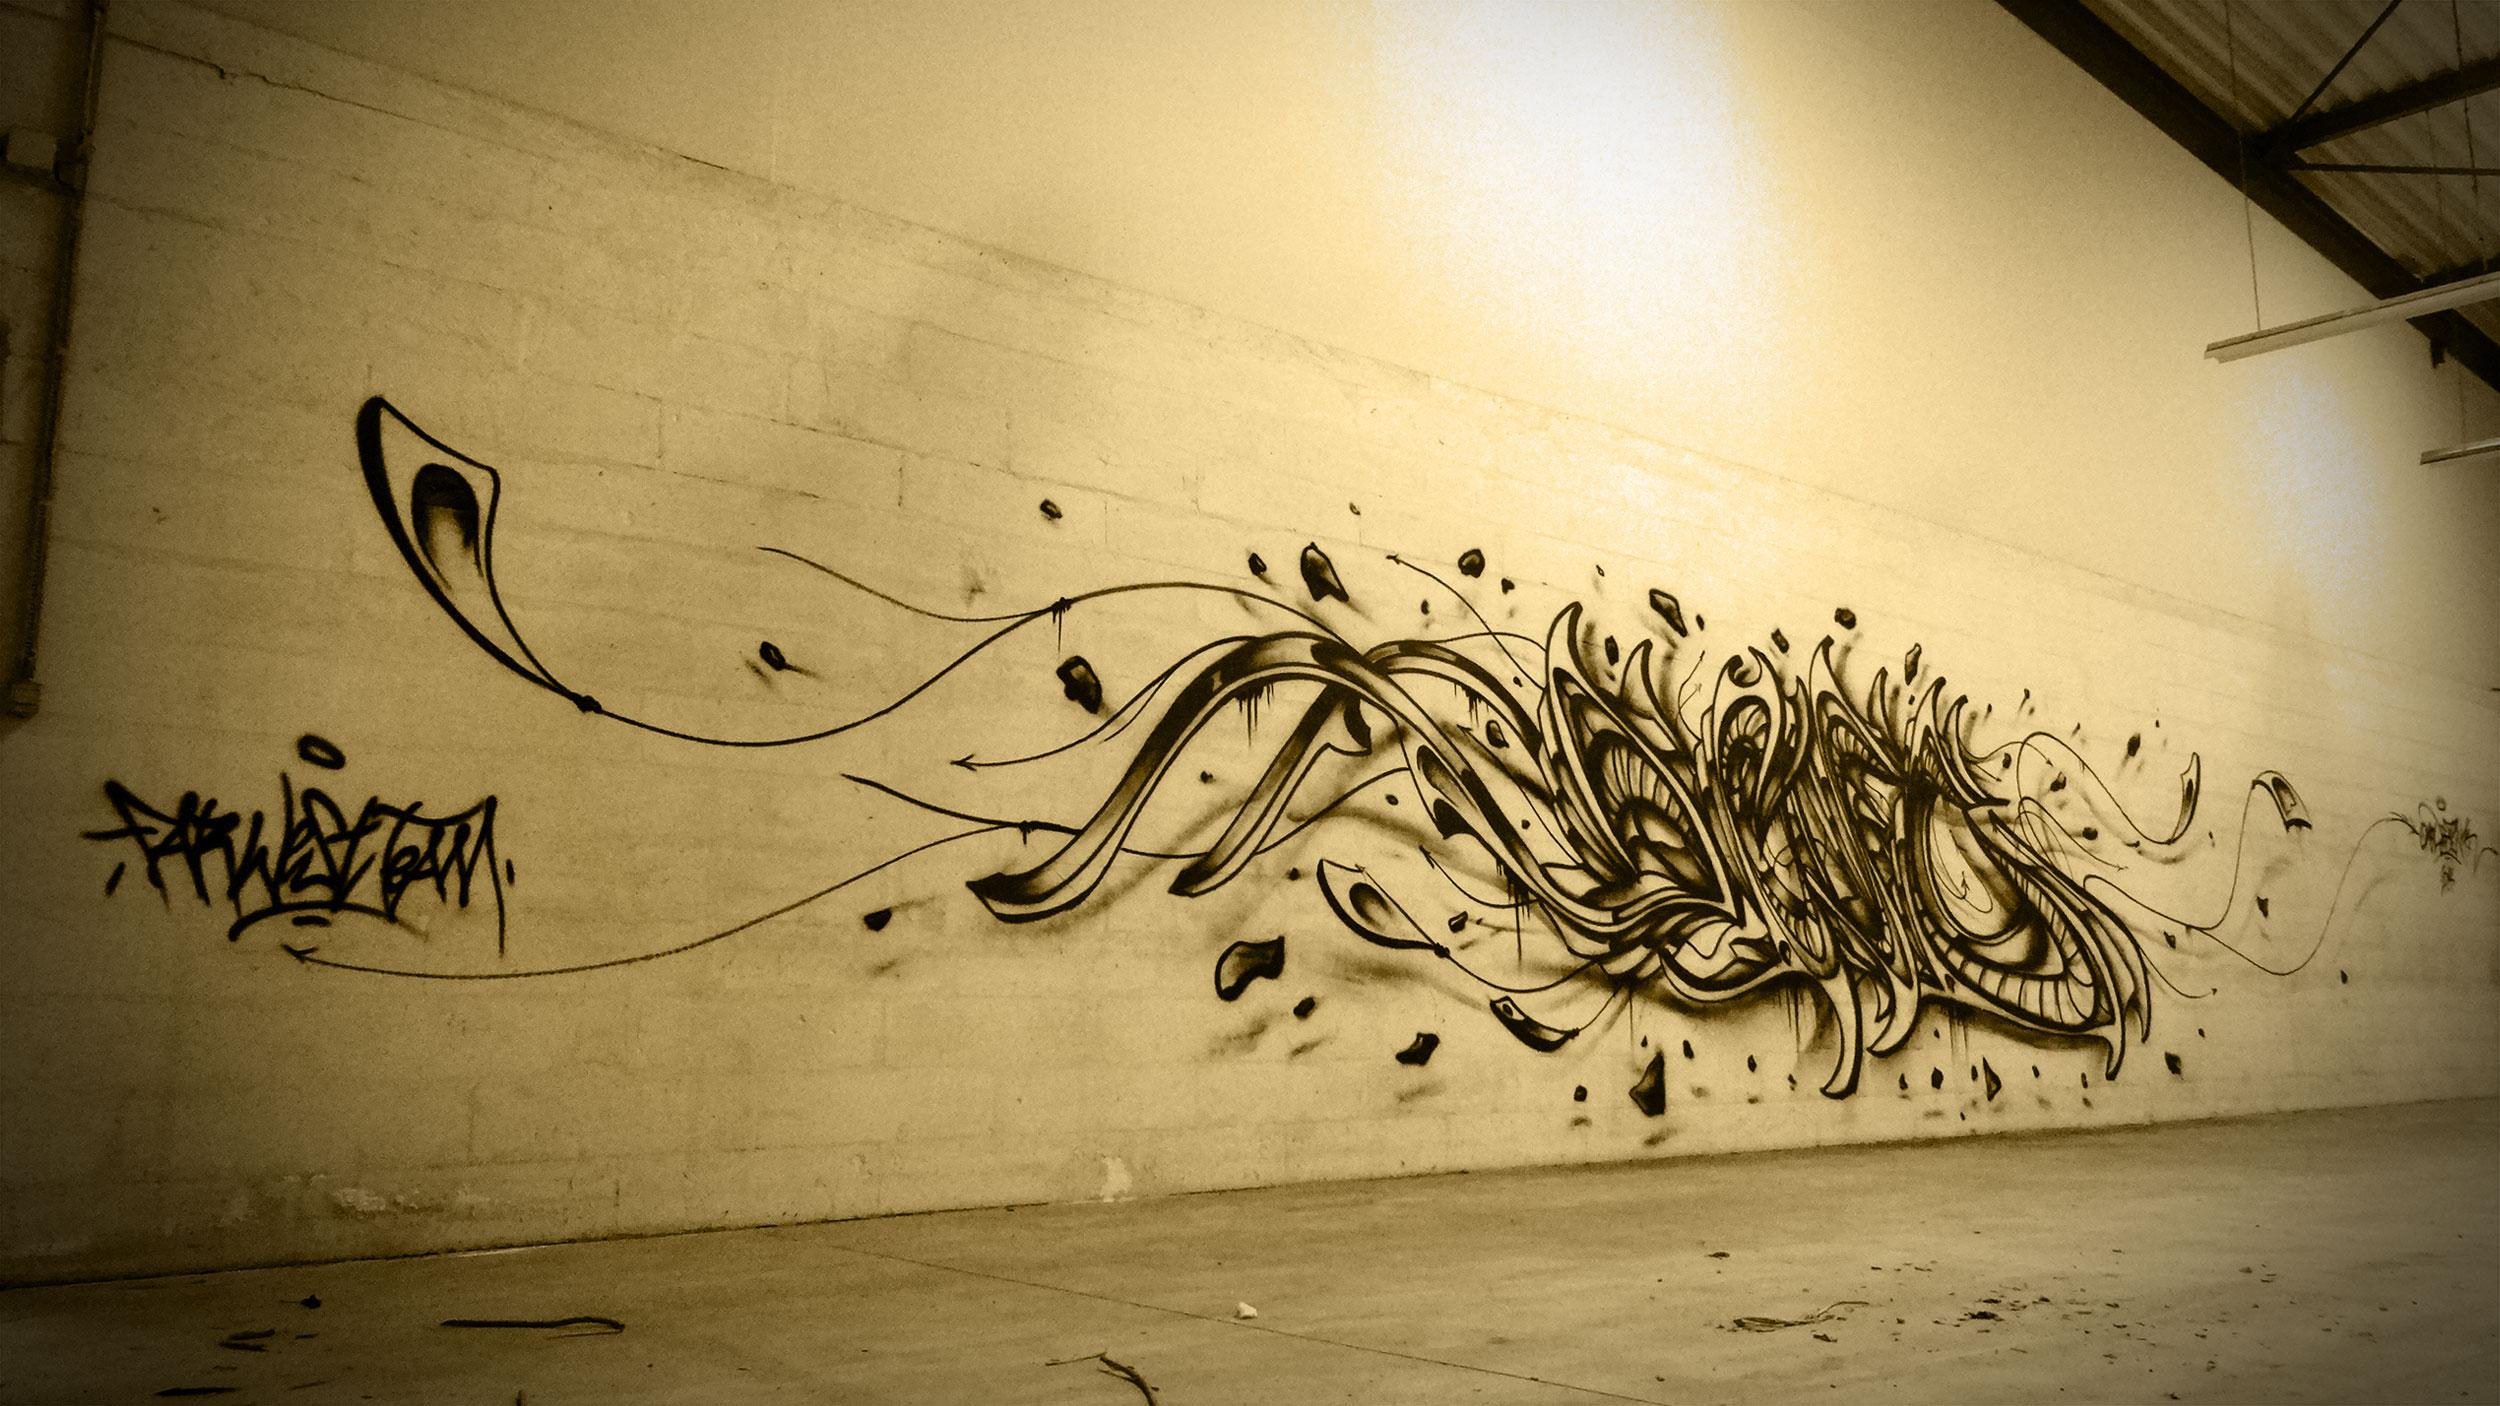 2014_deft_virgin_graffiti_lettrage